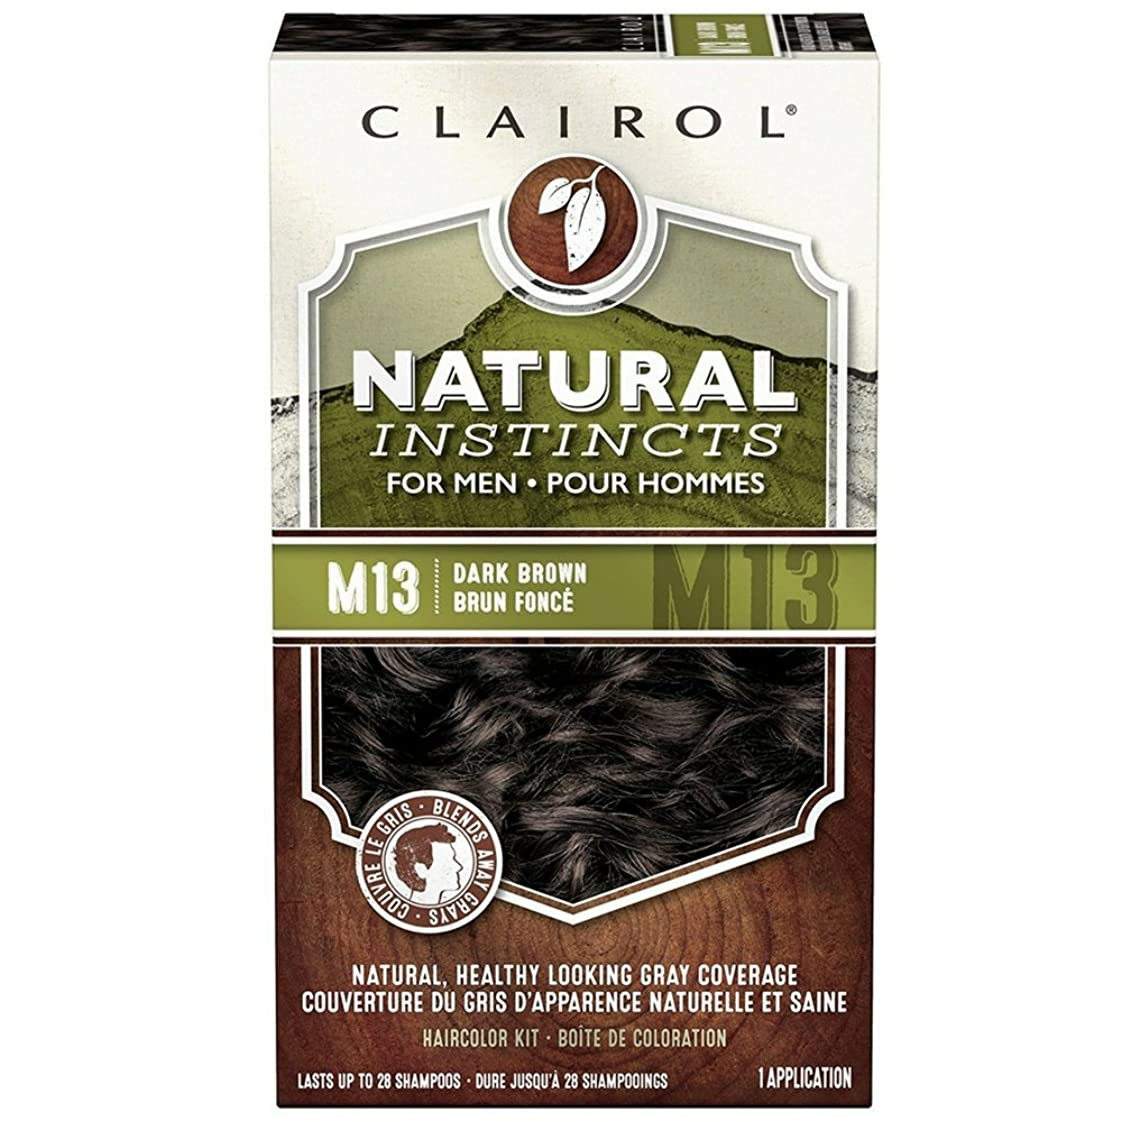 ぴかぴかポータブル印刷するClairol natural instincts haircolor for men, dark brown, #M13 - 1 Ea (並行輸入品)